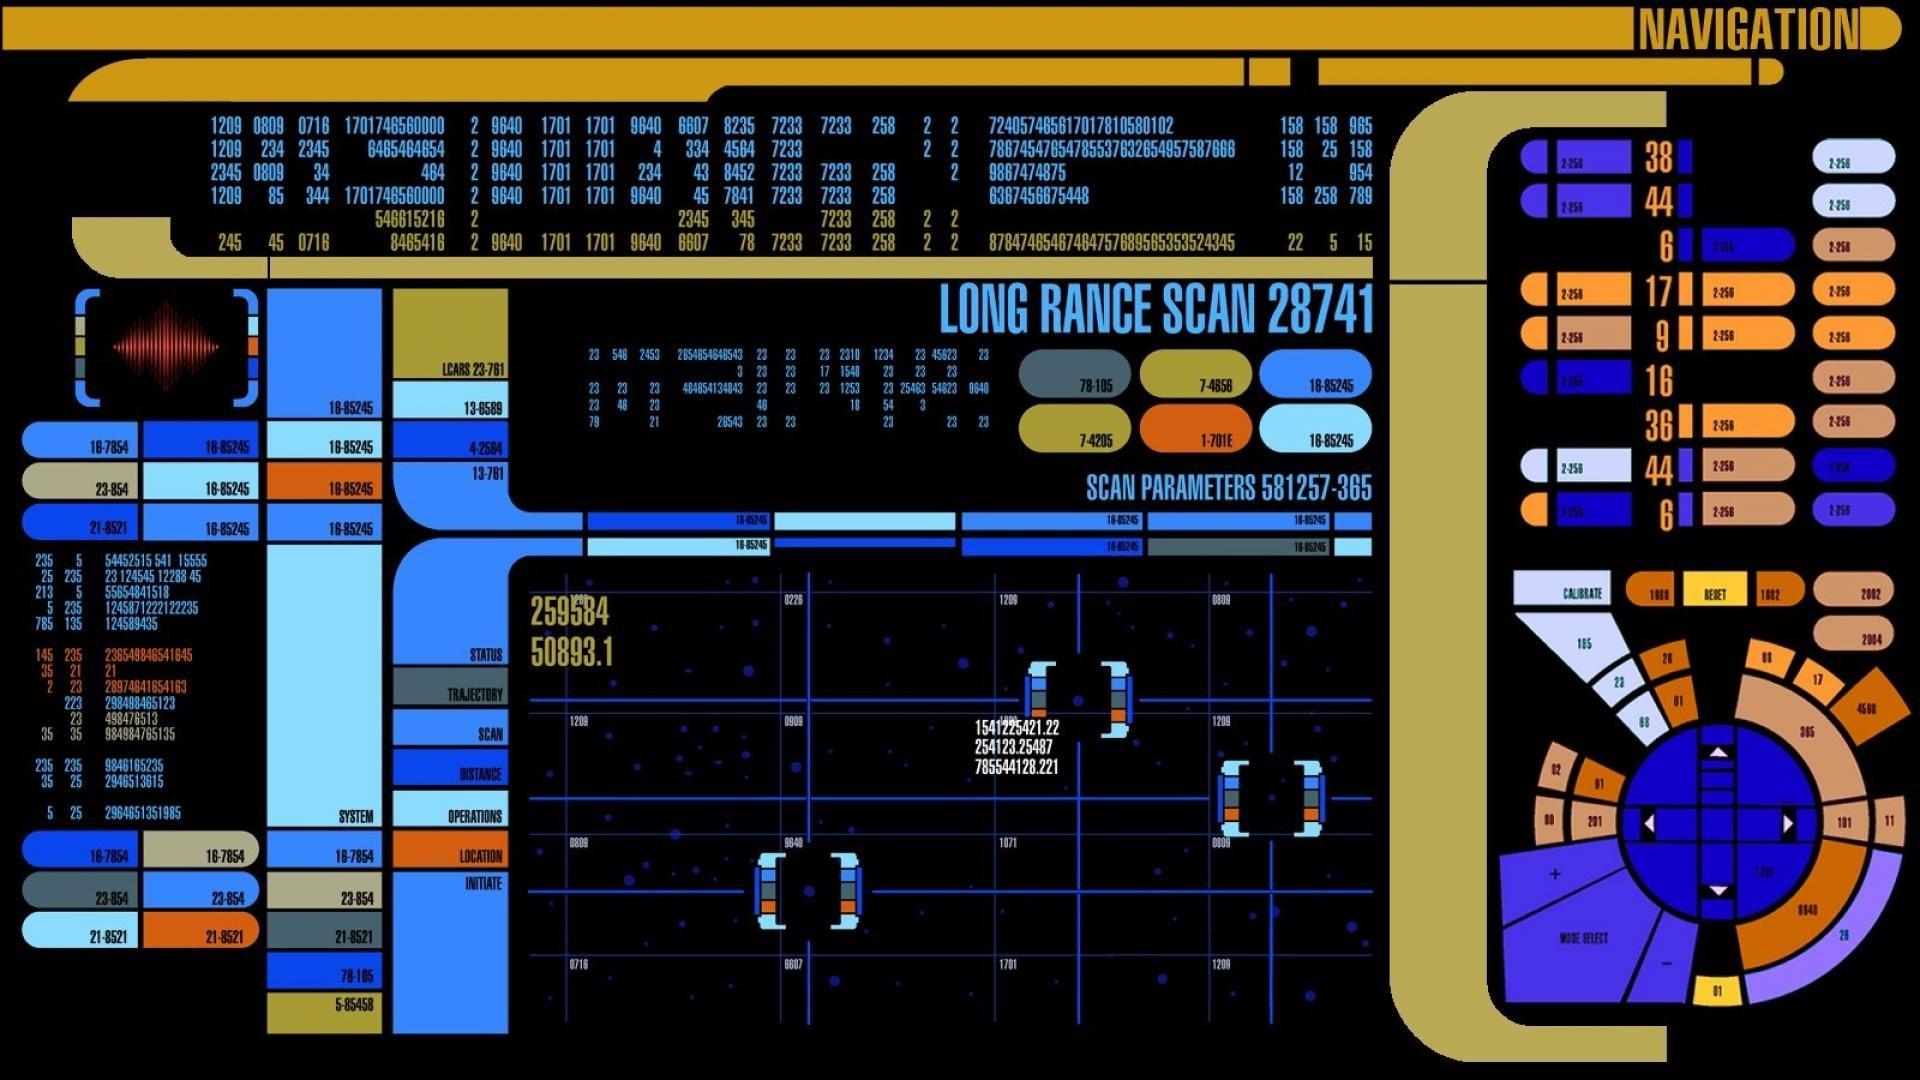 Star Trek Lcars Wallpaper 66 Images